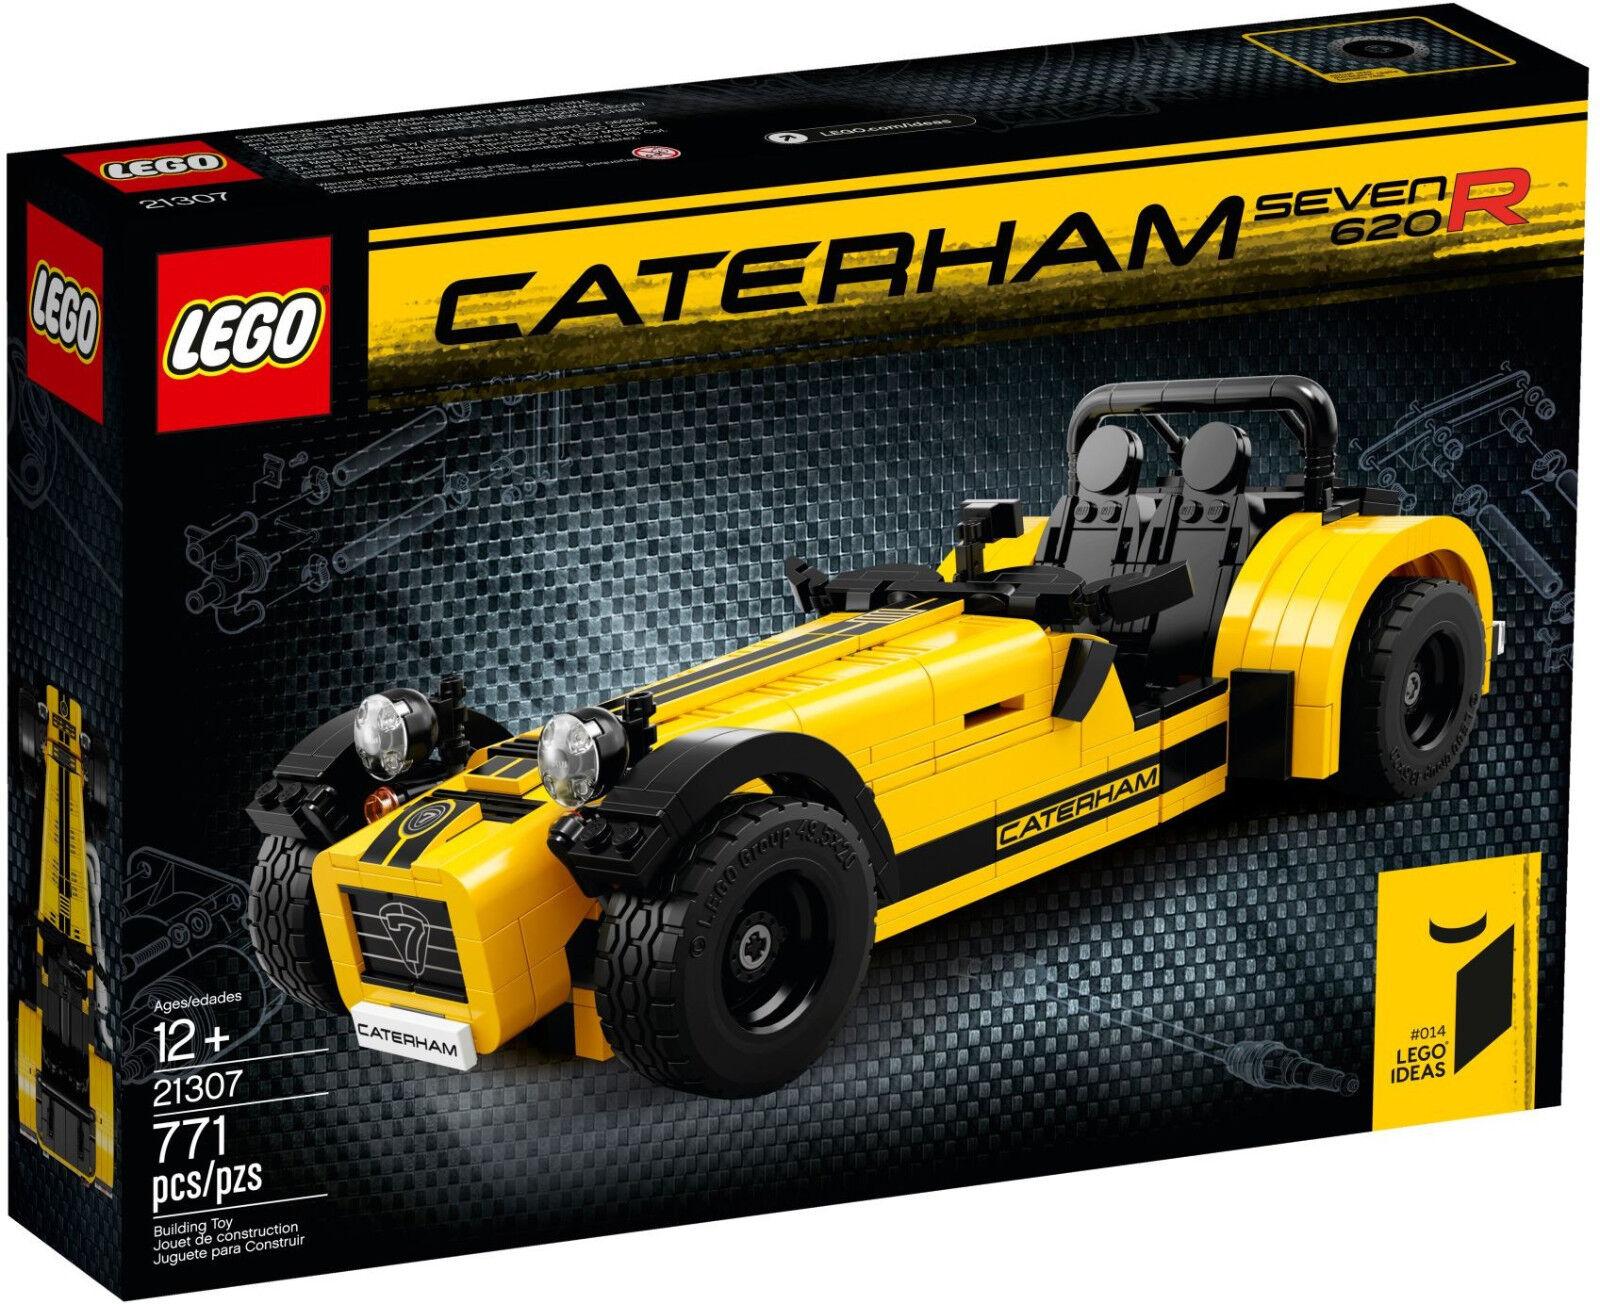 Fuxi double ideas à, viens! LEGO ideas double - 21307 Caterham seven 620r-NEUF & OVP 32f3cd